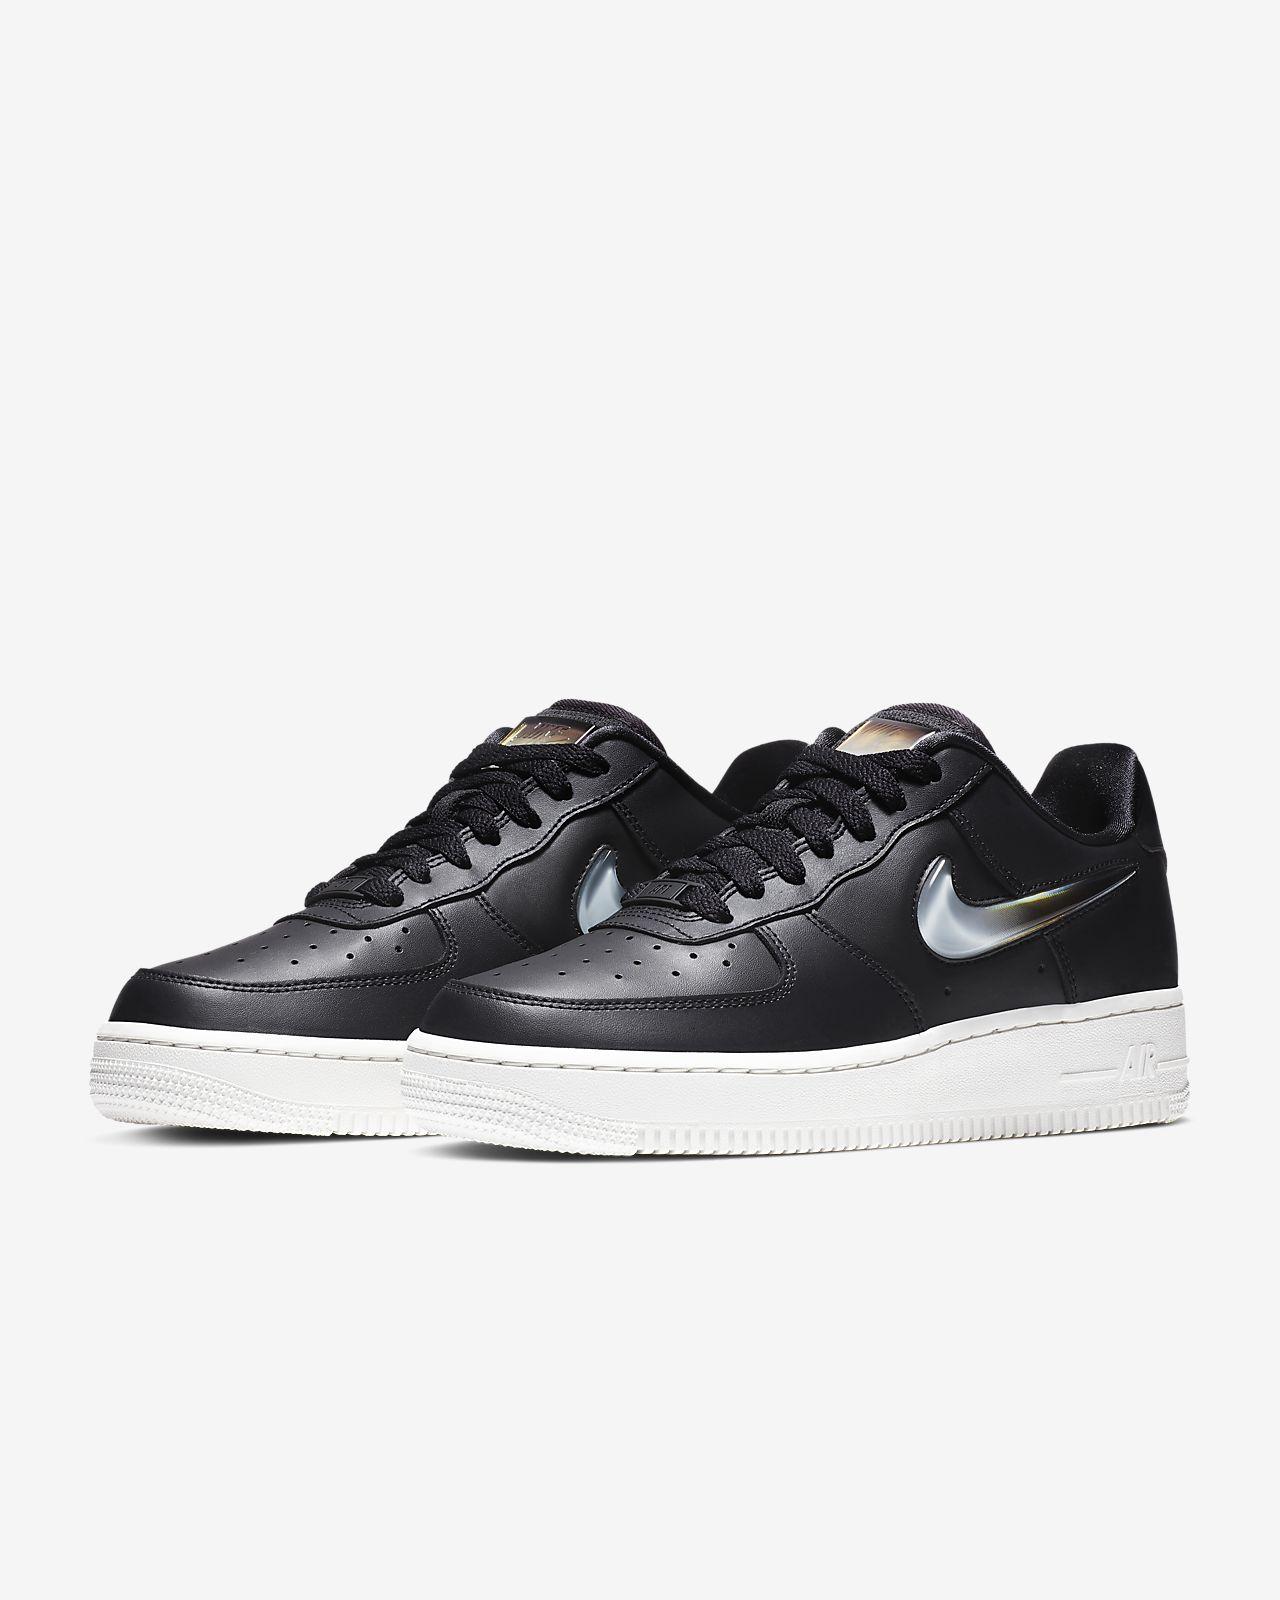 on sale 913b2 7e553 Se Premium Chaussure Force Femme Nike 1 Fr Air Pour  07 1qX1va ...